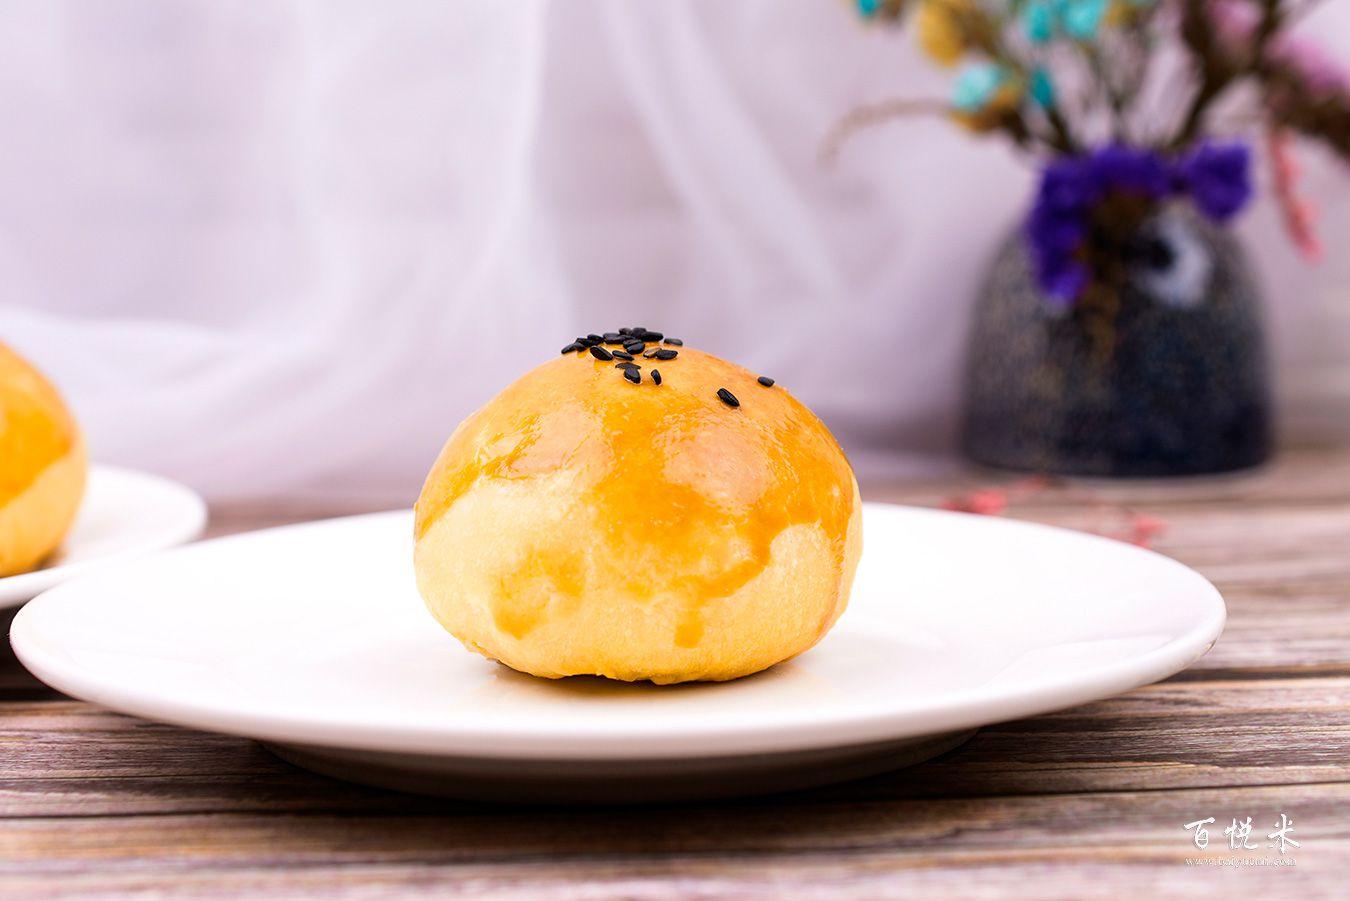 蛋黄酥高清图片大全【蛋糕图片】_863